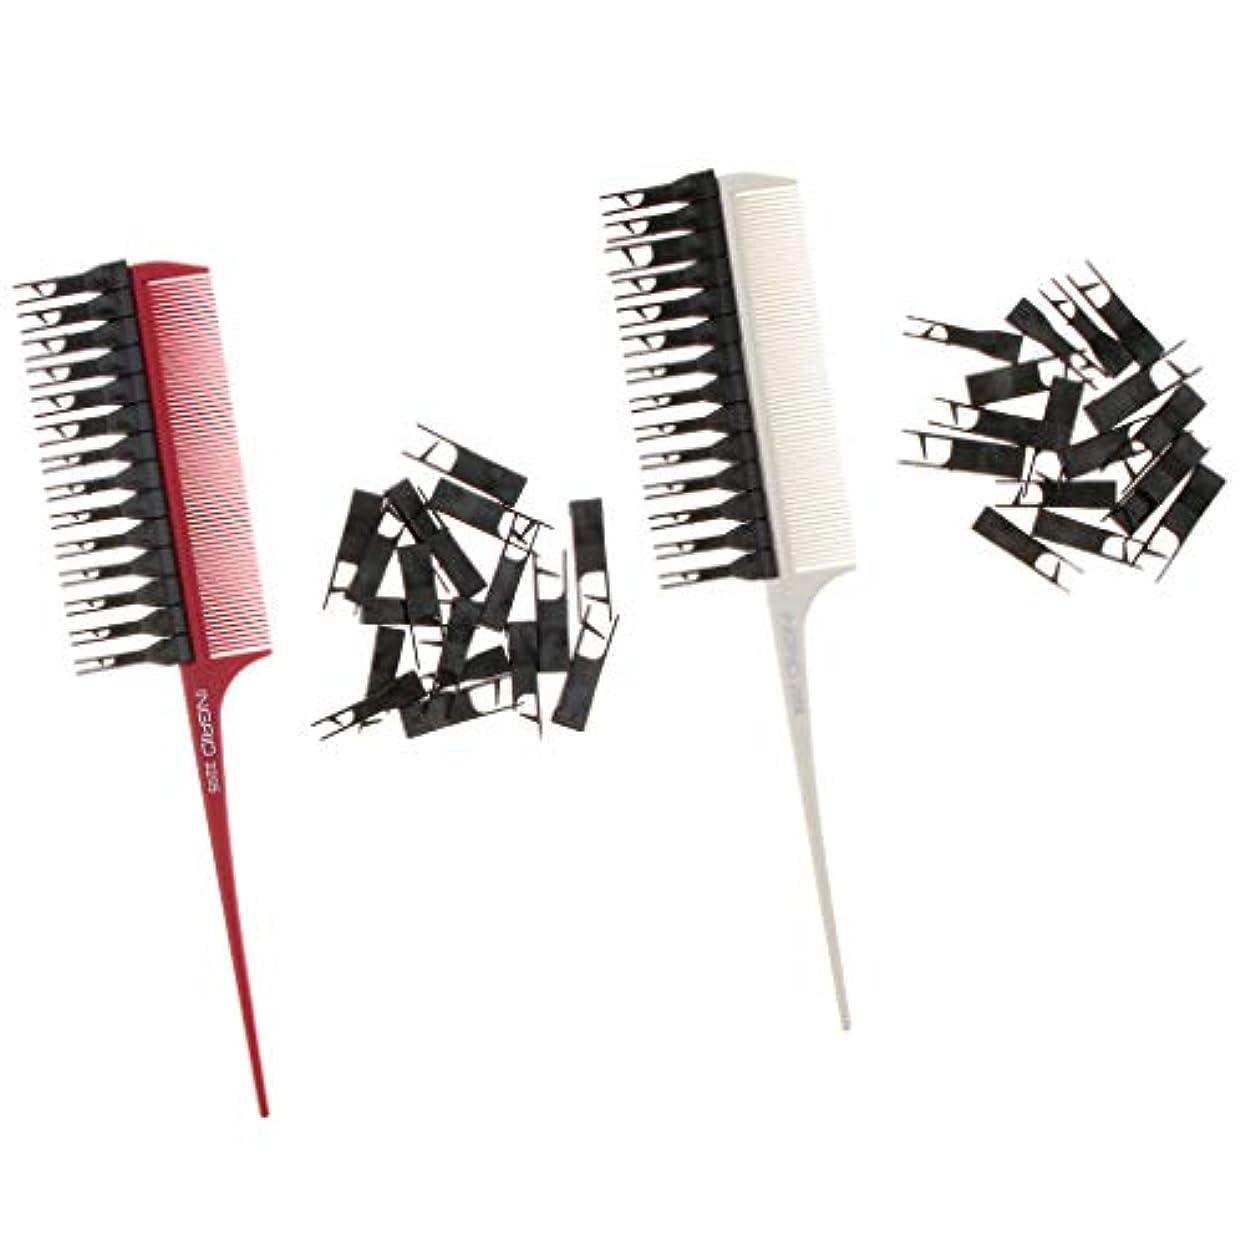 ホップ彼らの雹2個 スハイライトコーム 交換用クリップ サロン ハイライト ヘアブラシ 髪染めブラシ